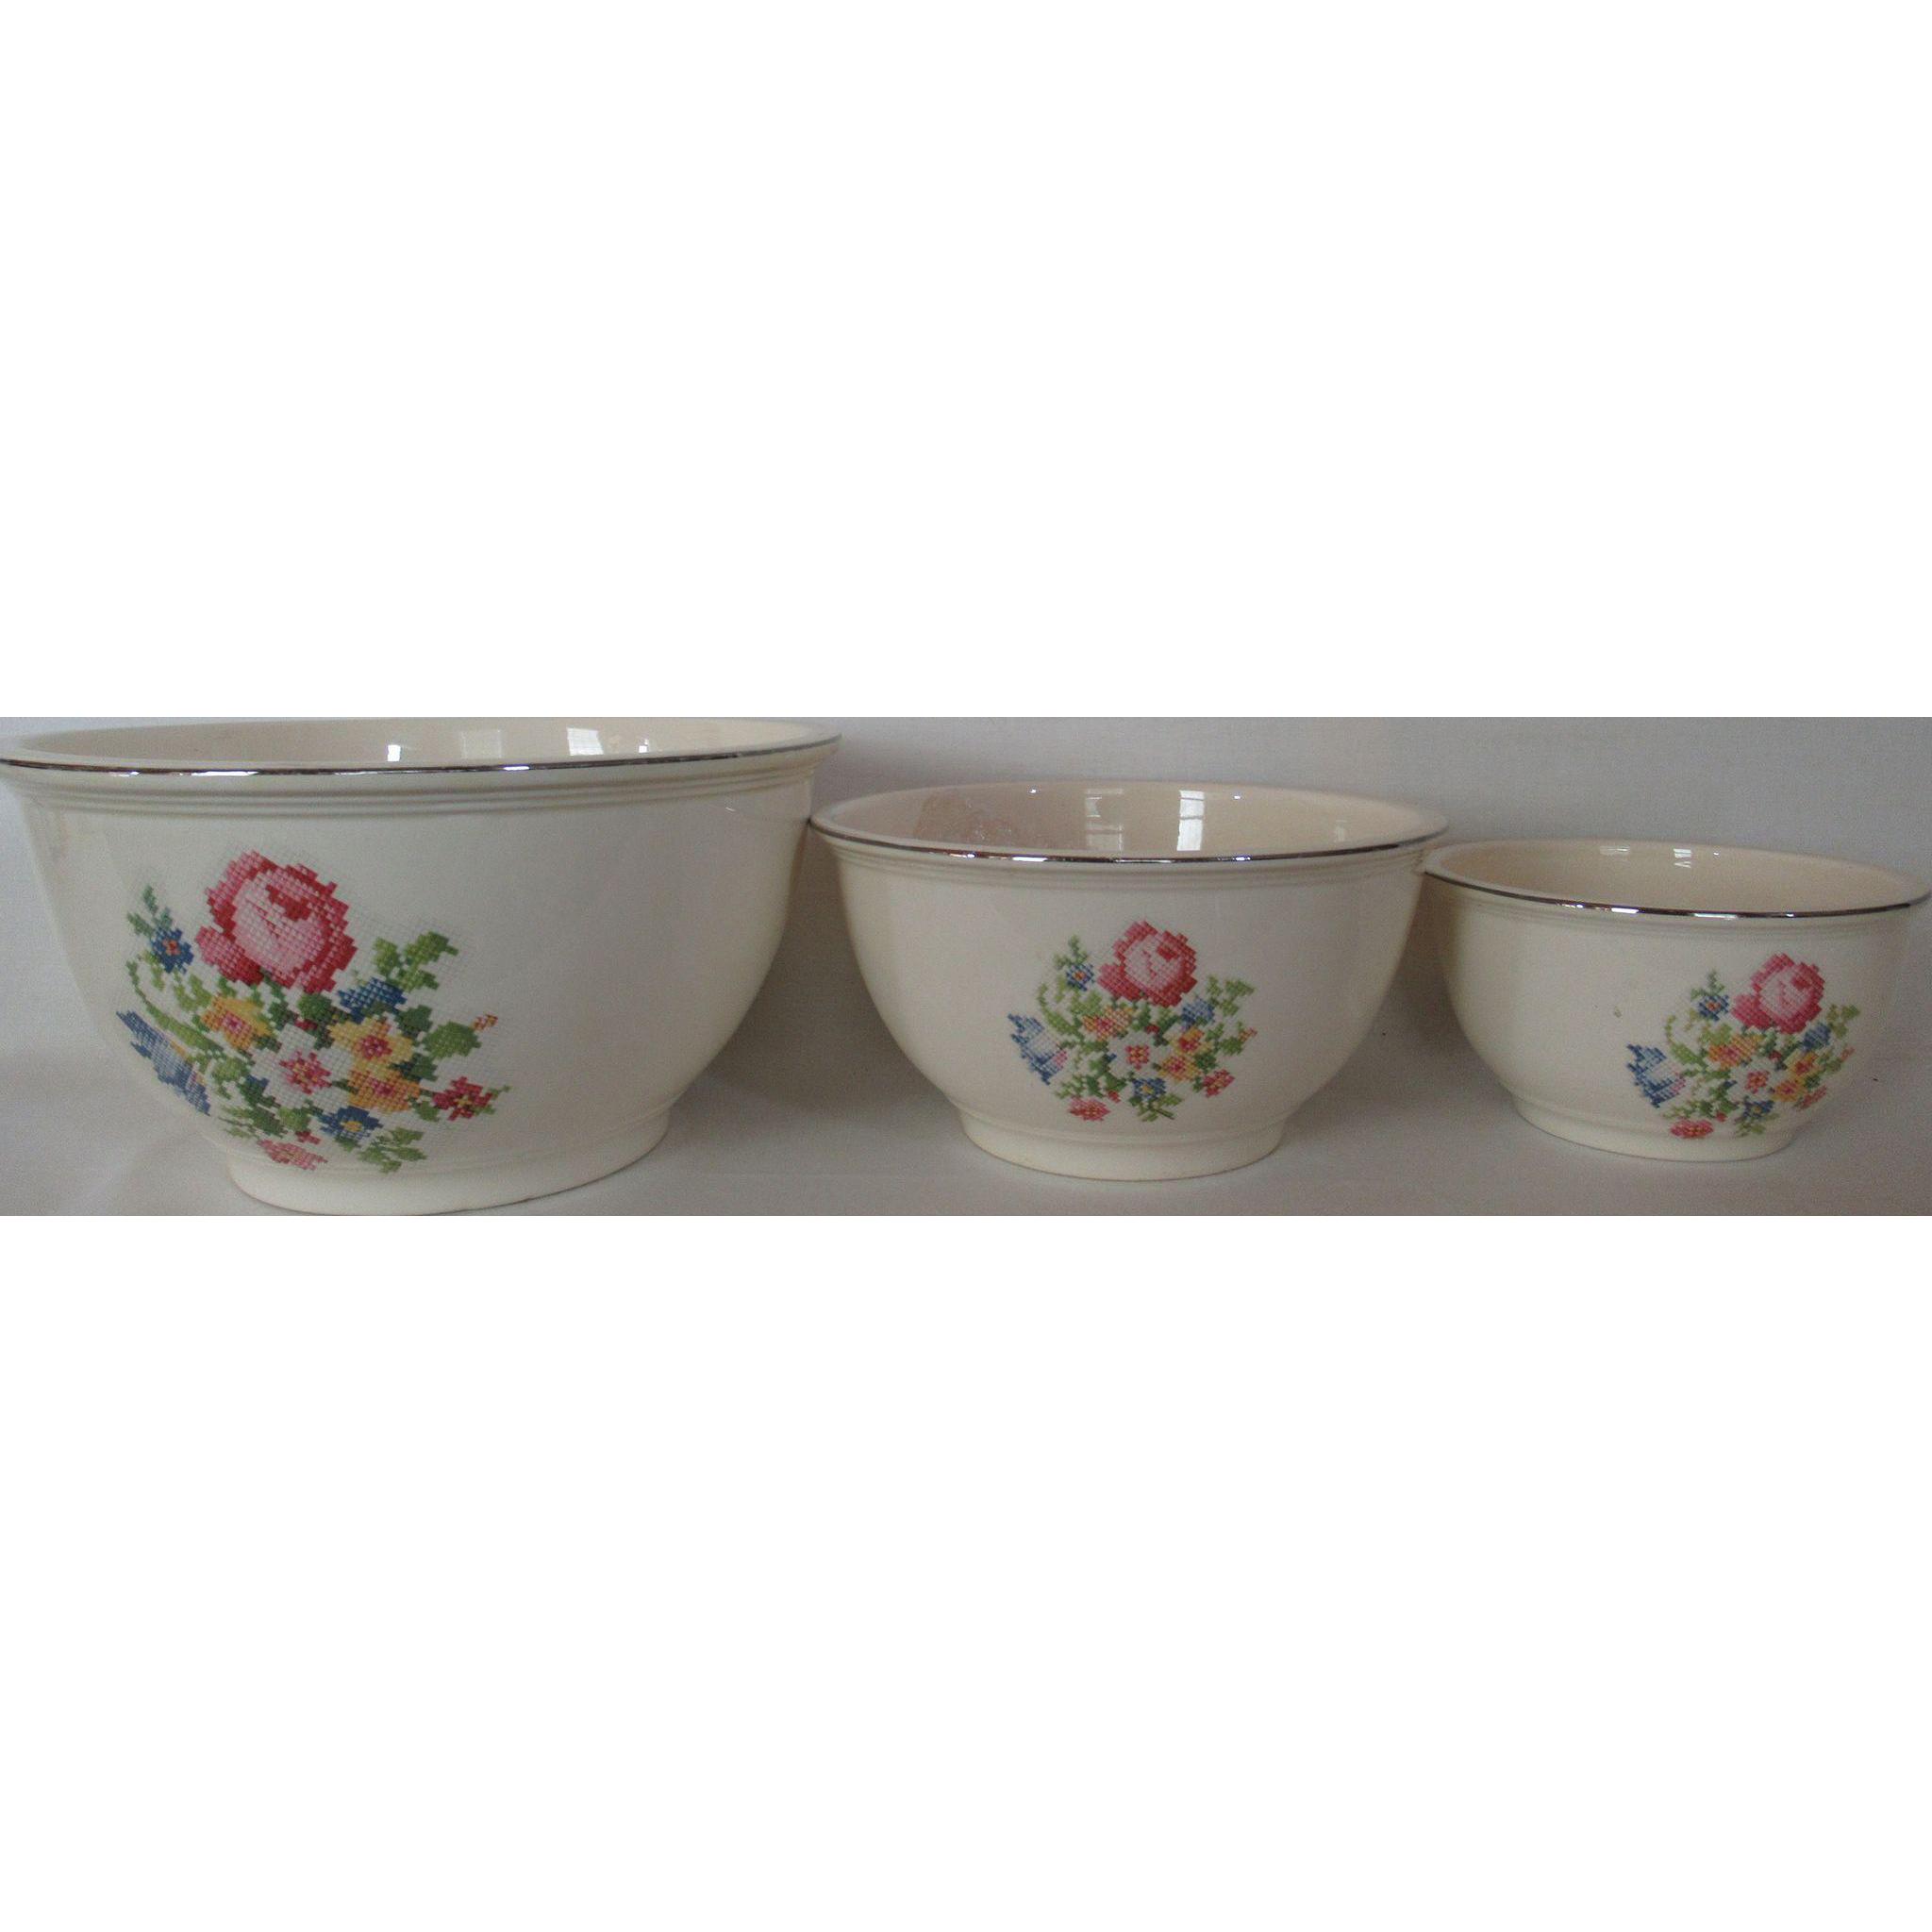 Homer Laughlin Kitchen Kraft Mixing Bowl Set (3) Petit Point Floral Pattern